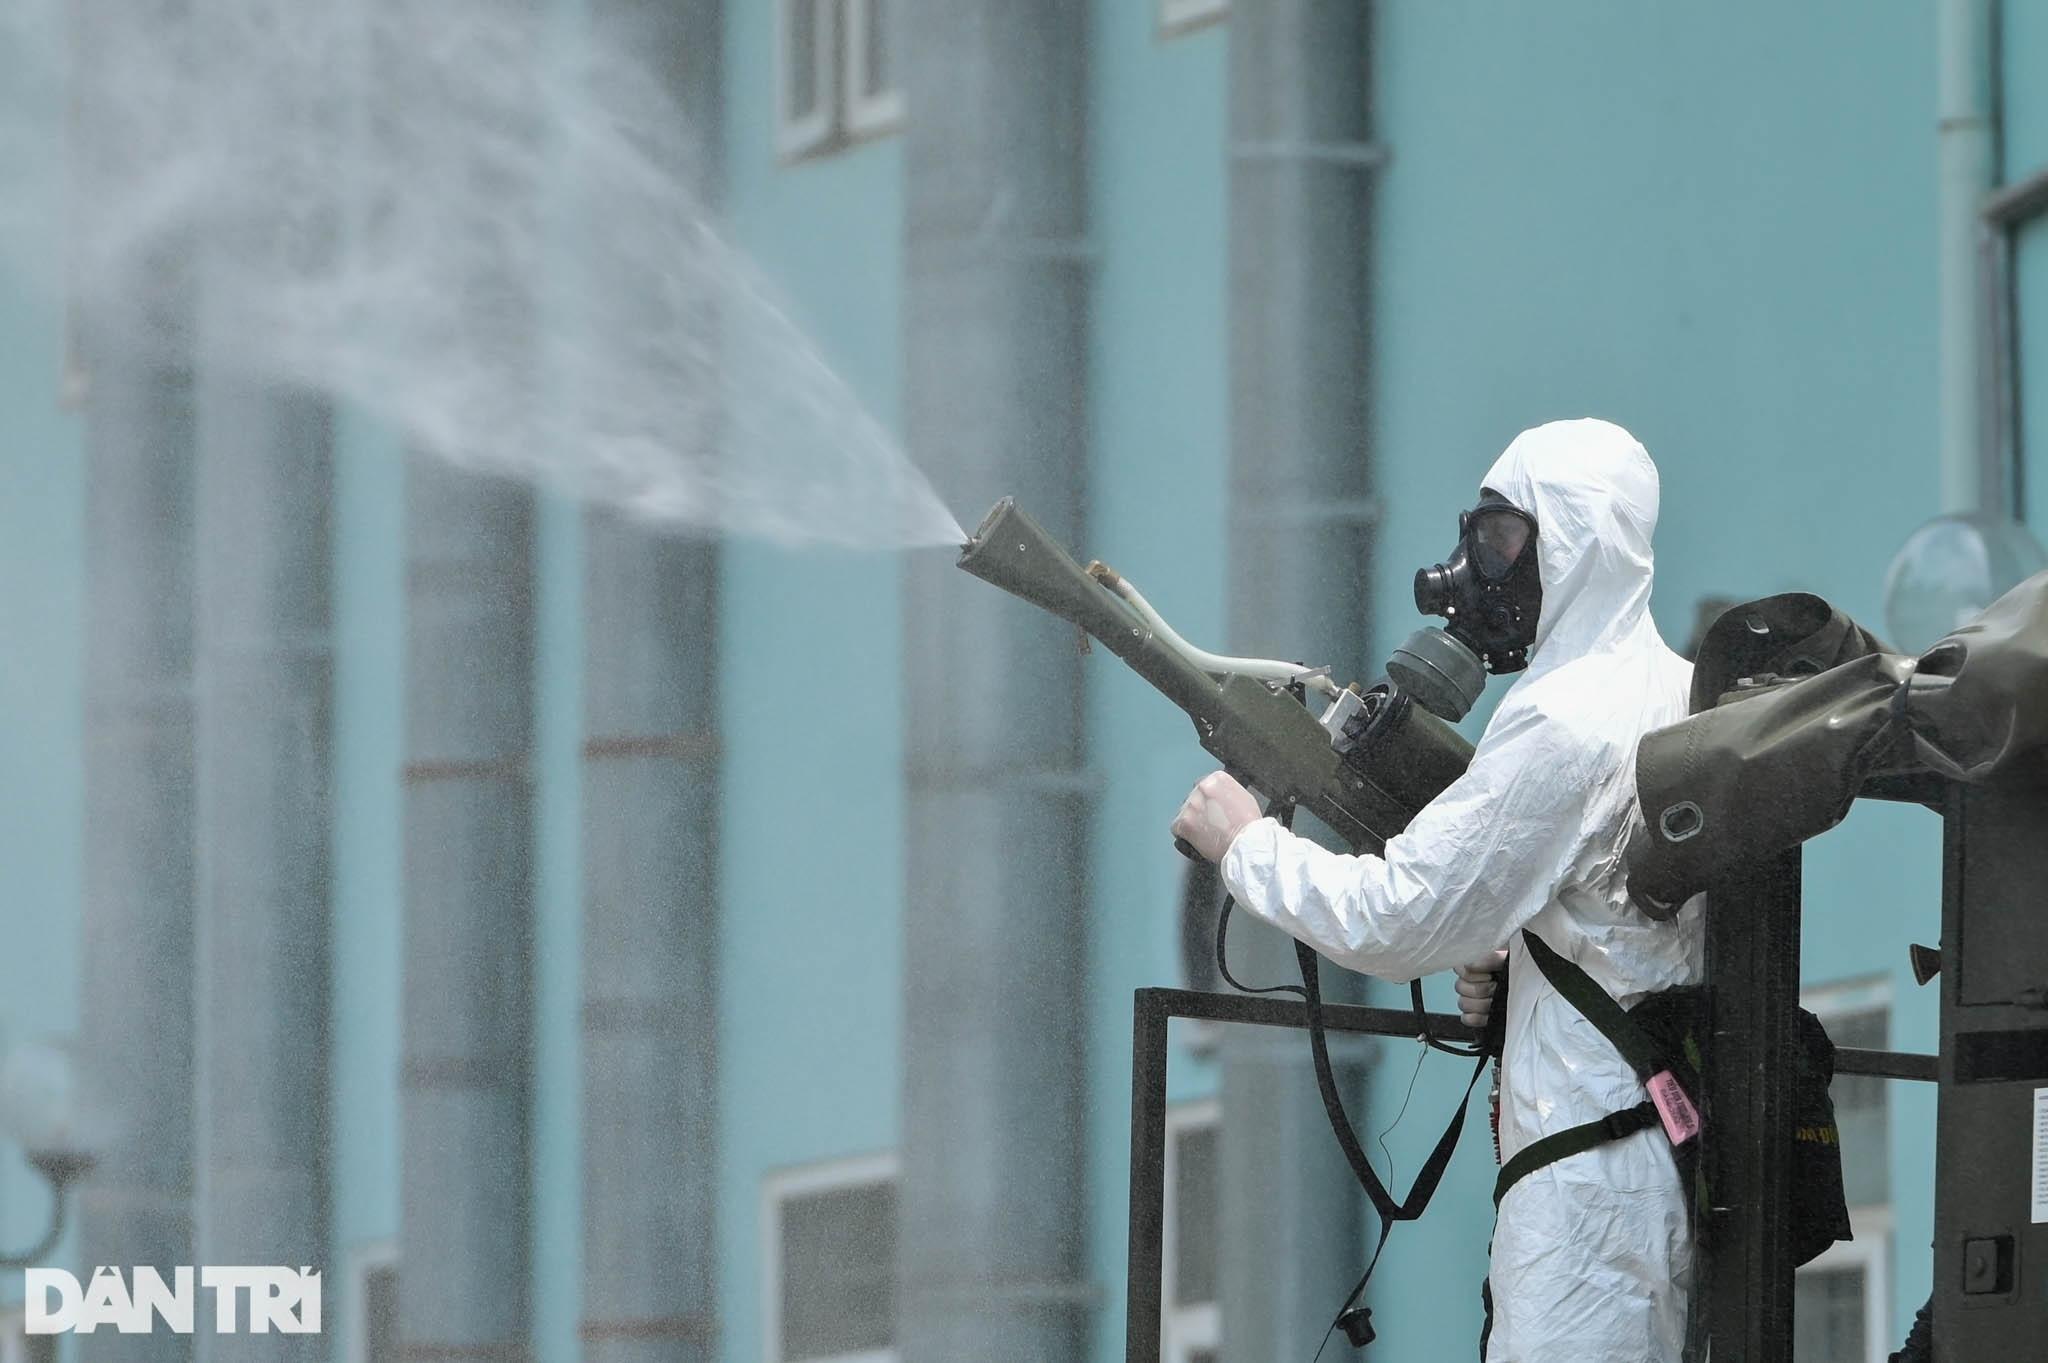 Khẩn cấp phun khử khuẩn, tiêu độc toàn bộ Bệnh viện K cơ sở Tân Triều - 10